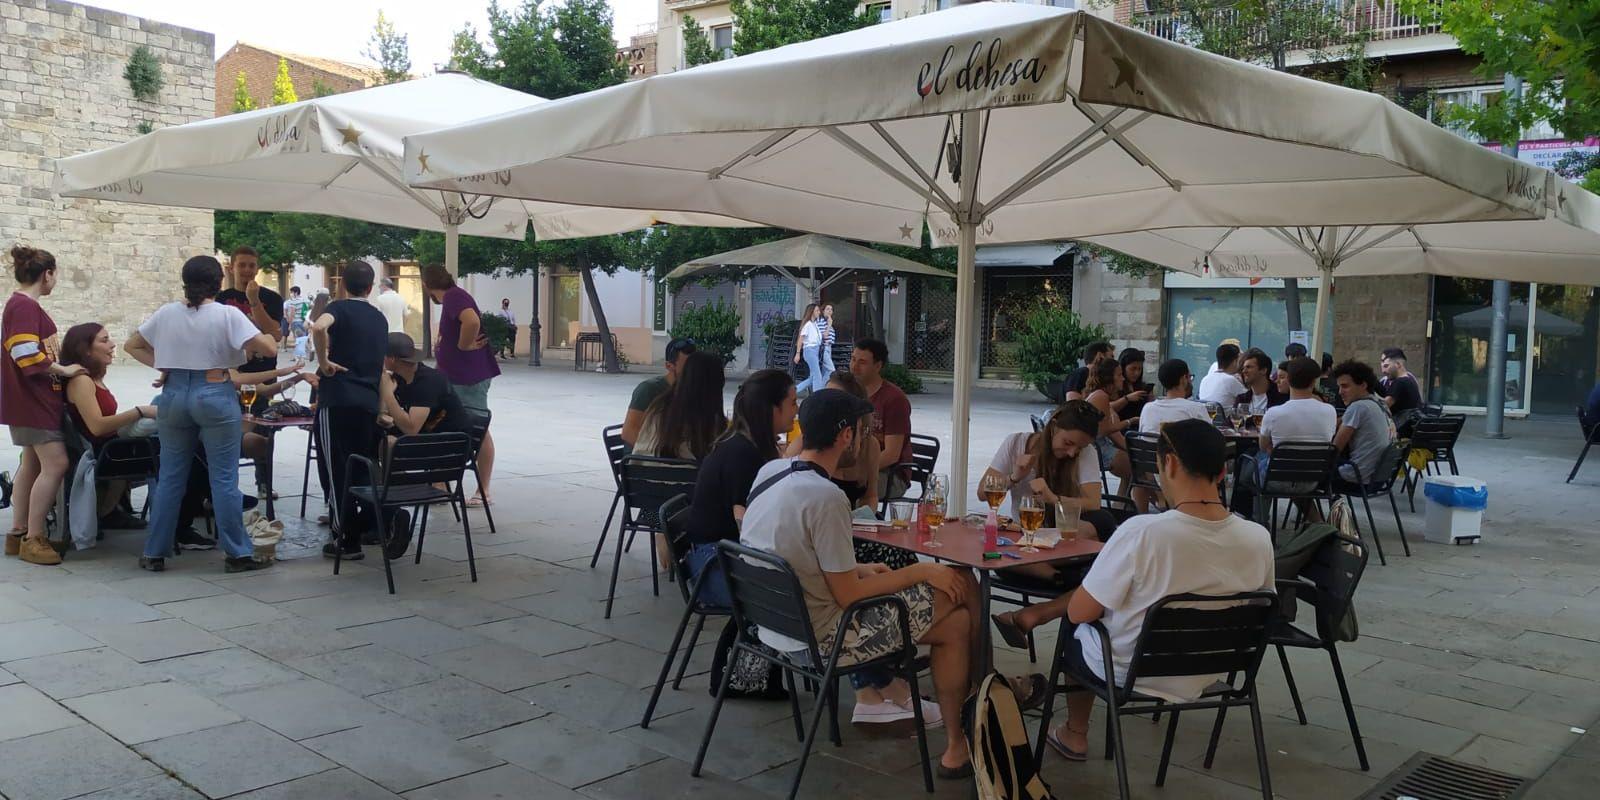 El 25 de maig van reobrir les terrasses de bars i restaurants. FOTO: Arxiu